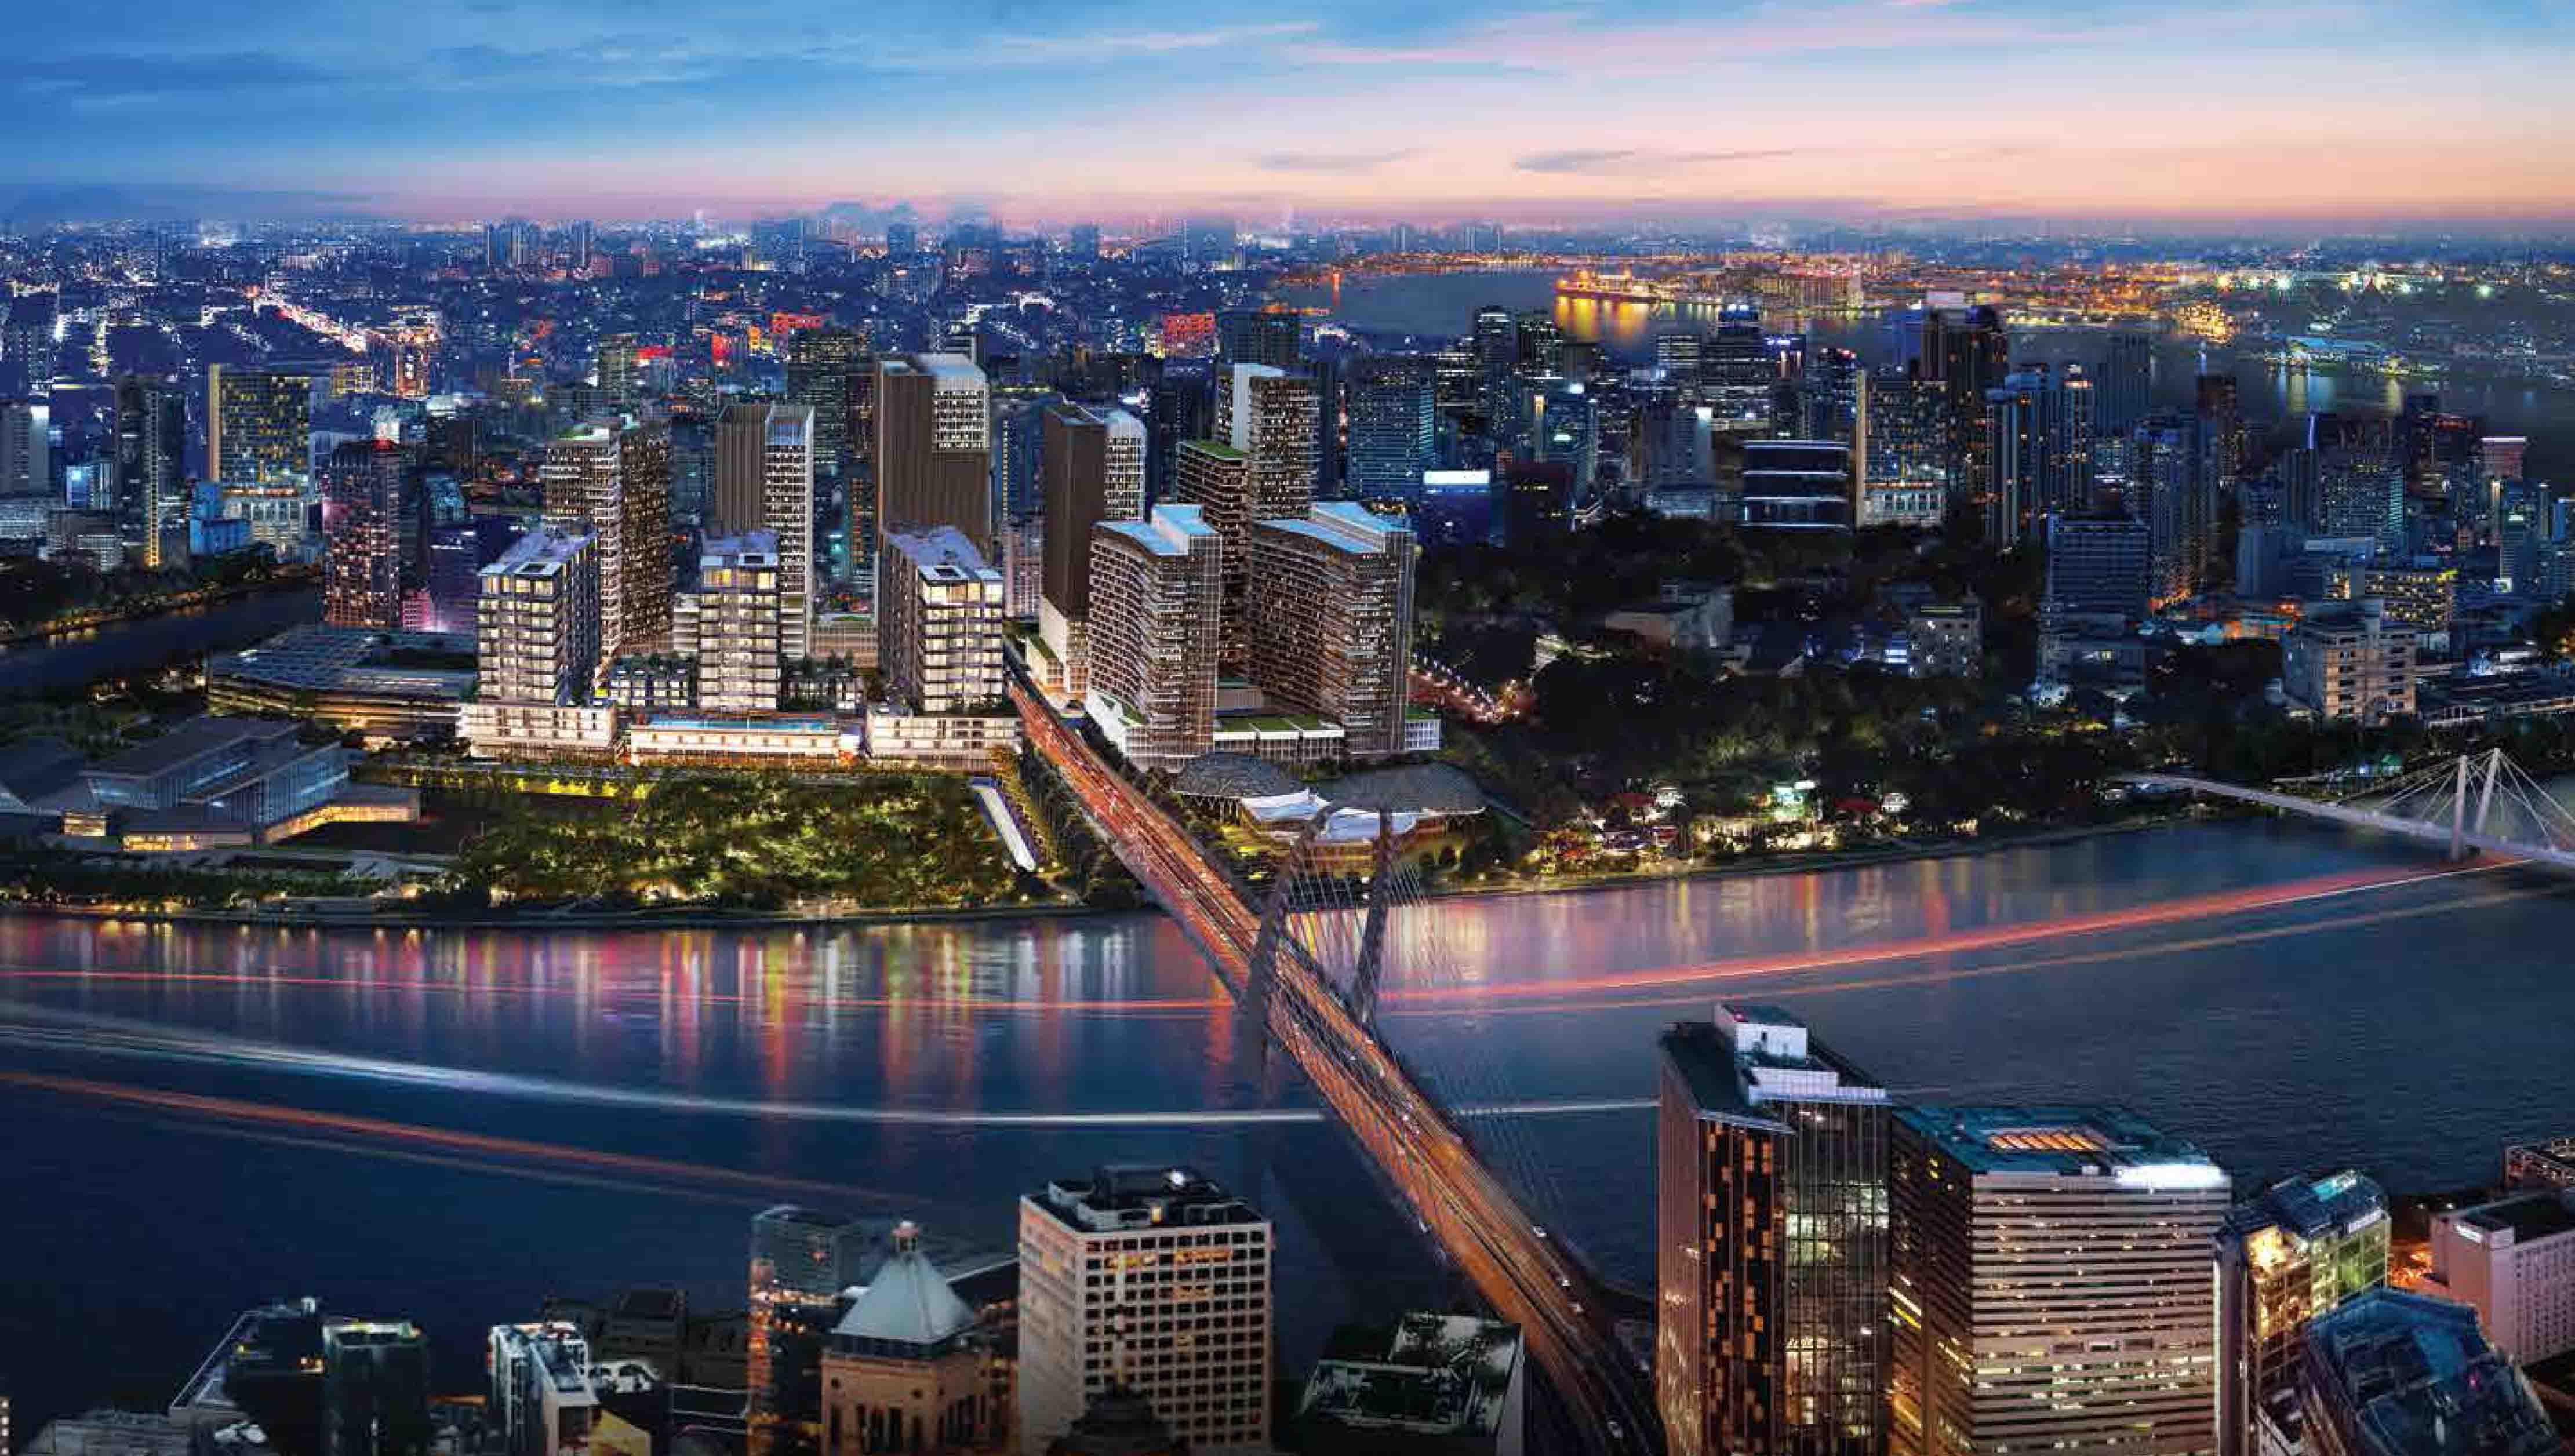 The metropole nhìn từ Cầu Thủ Thiêm 2